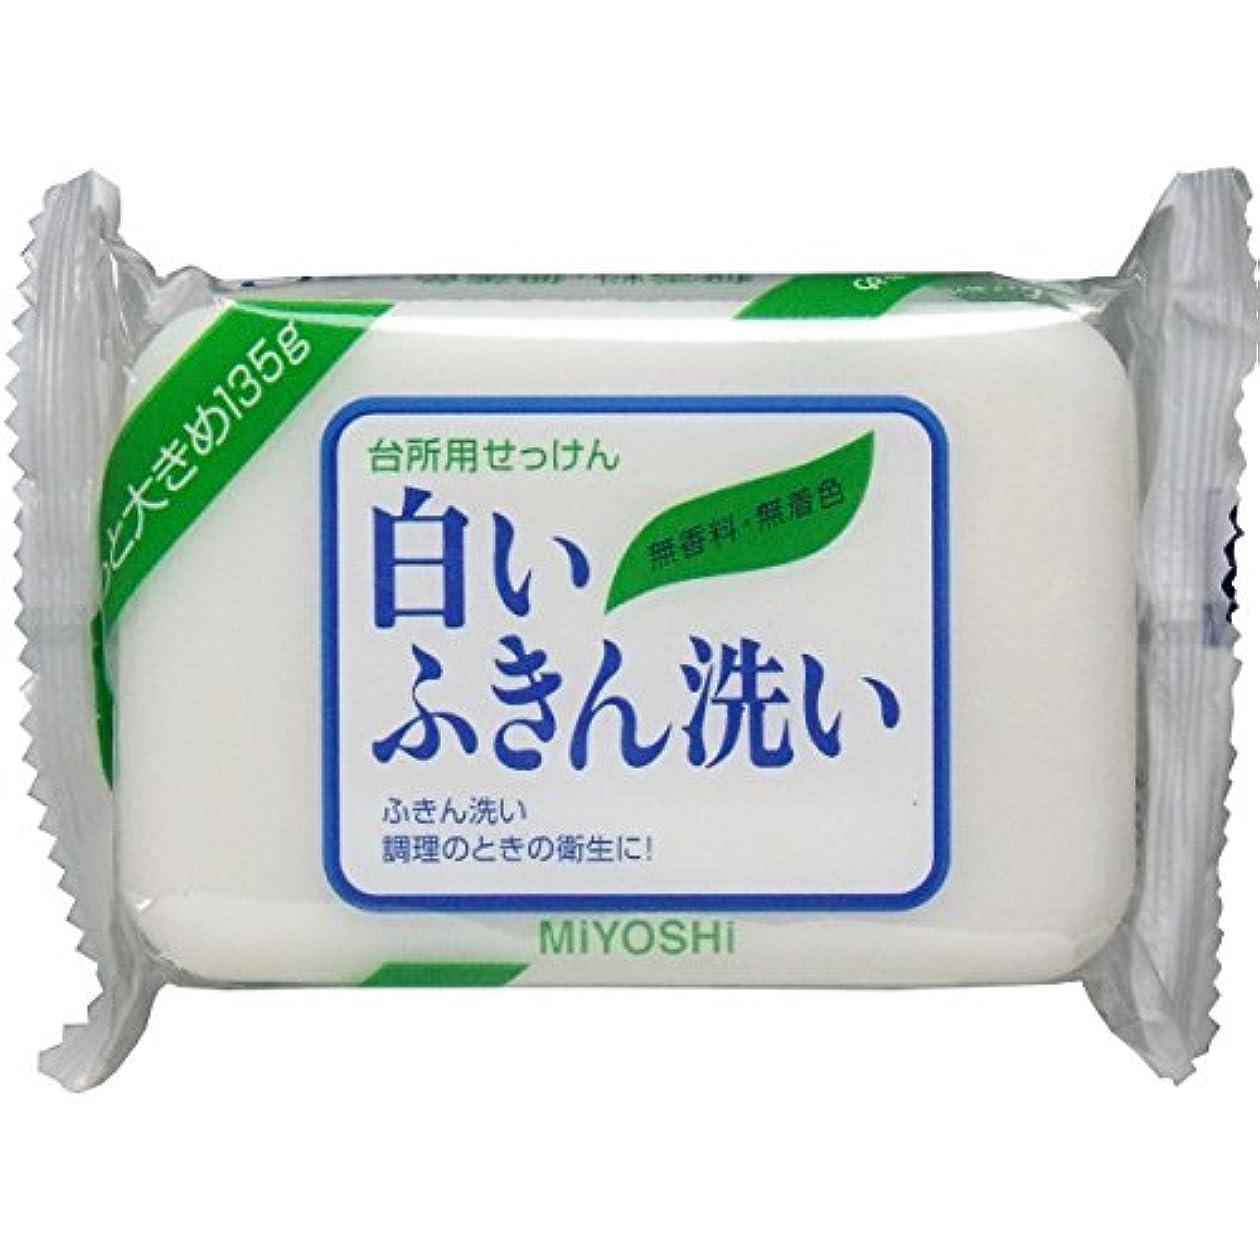 またね防腐剤ソケットミヨシ石鹸 白いふきん洗い